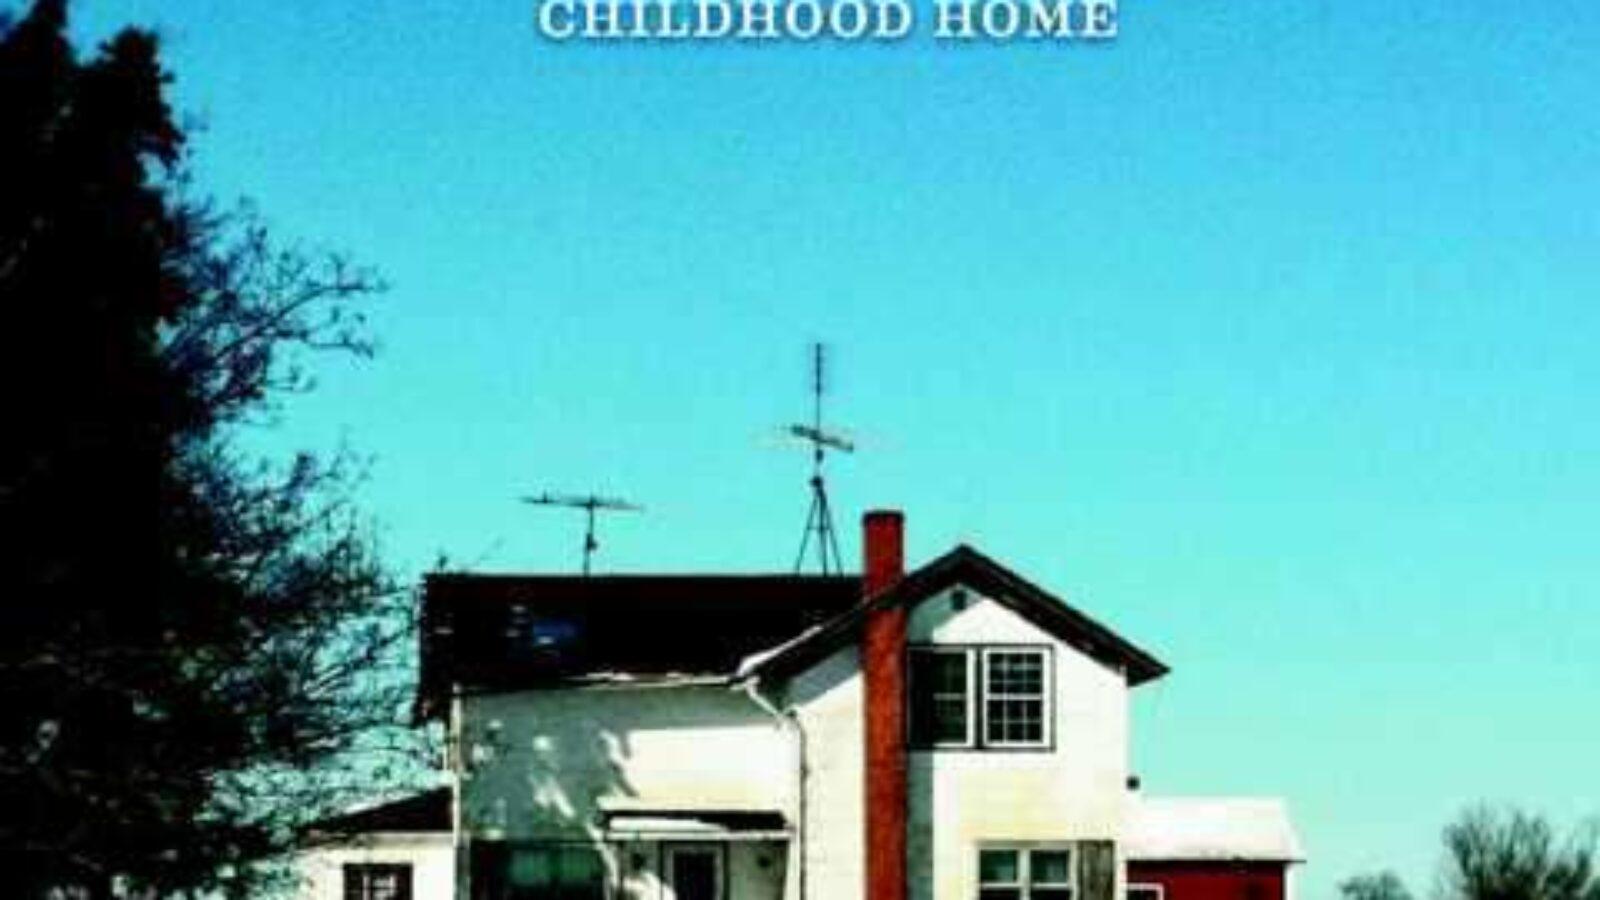 BEN & ELLEN HARPER Childhood Home